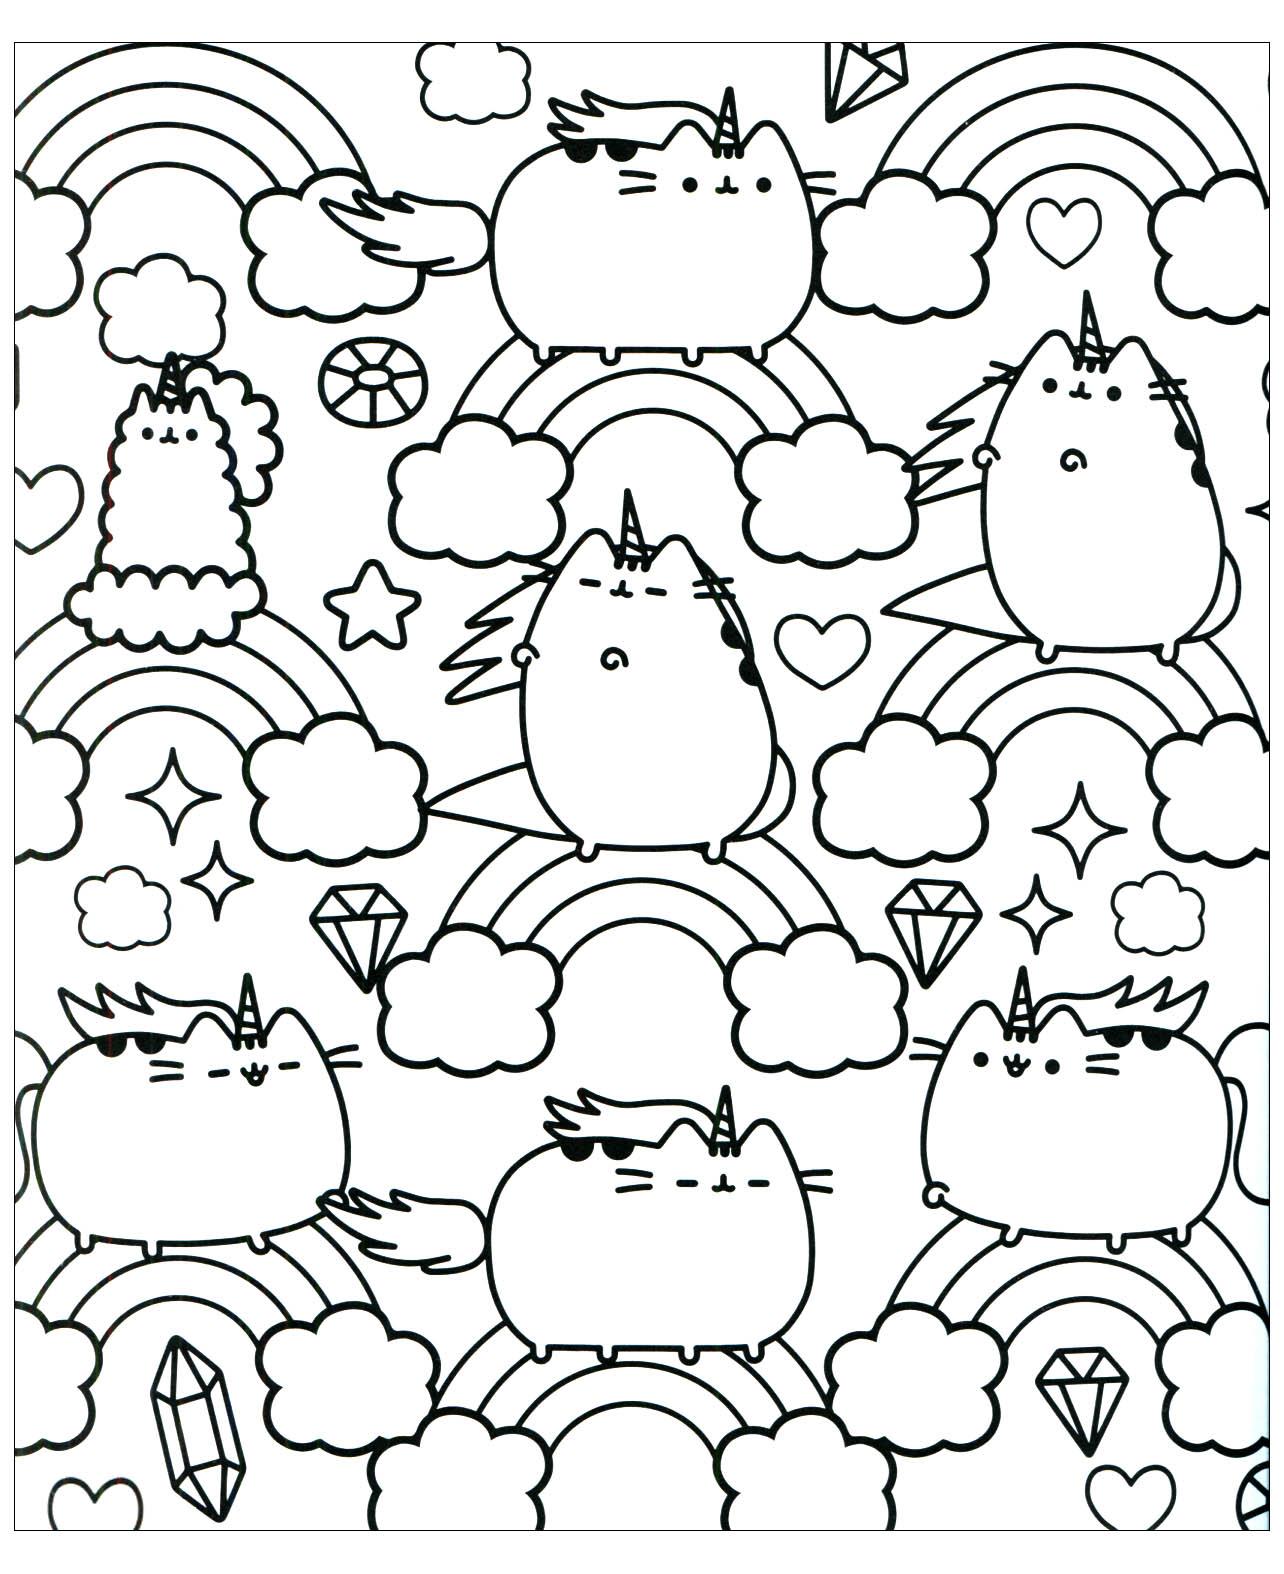 Gekritzelkunst Gekritzel 44117 Doodle Art Doodling